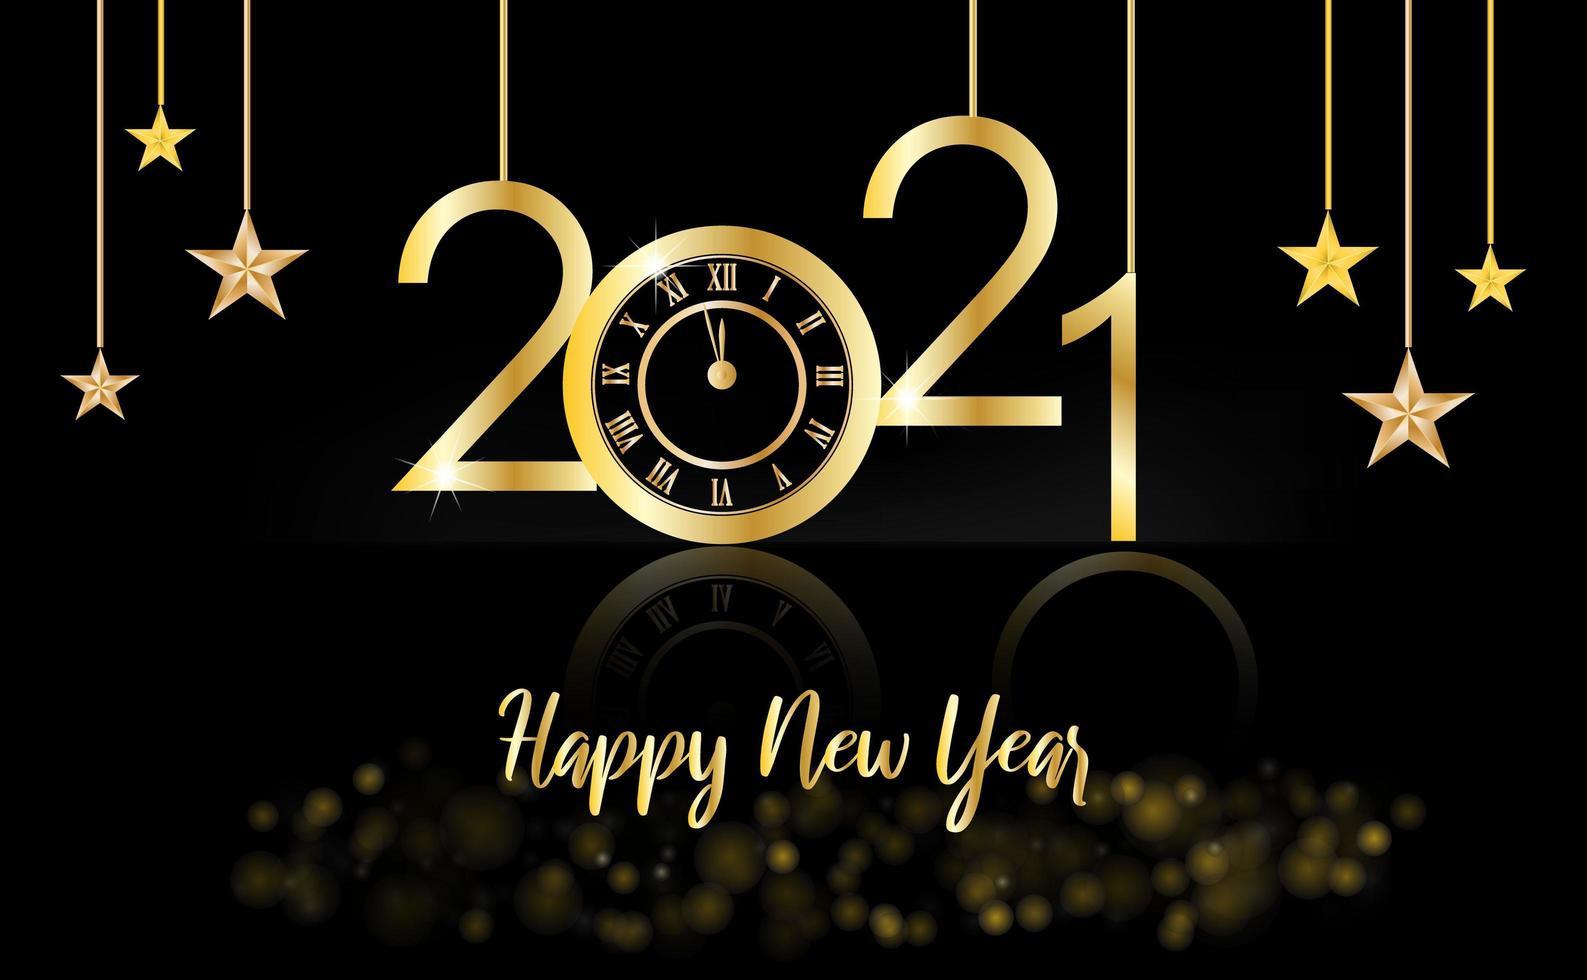 La Teinturerie vous souhaite une excellente année 2021 !